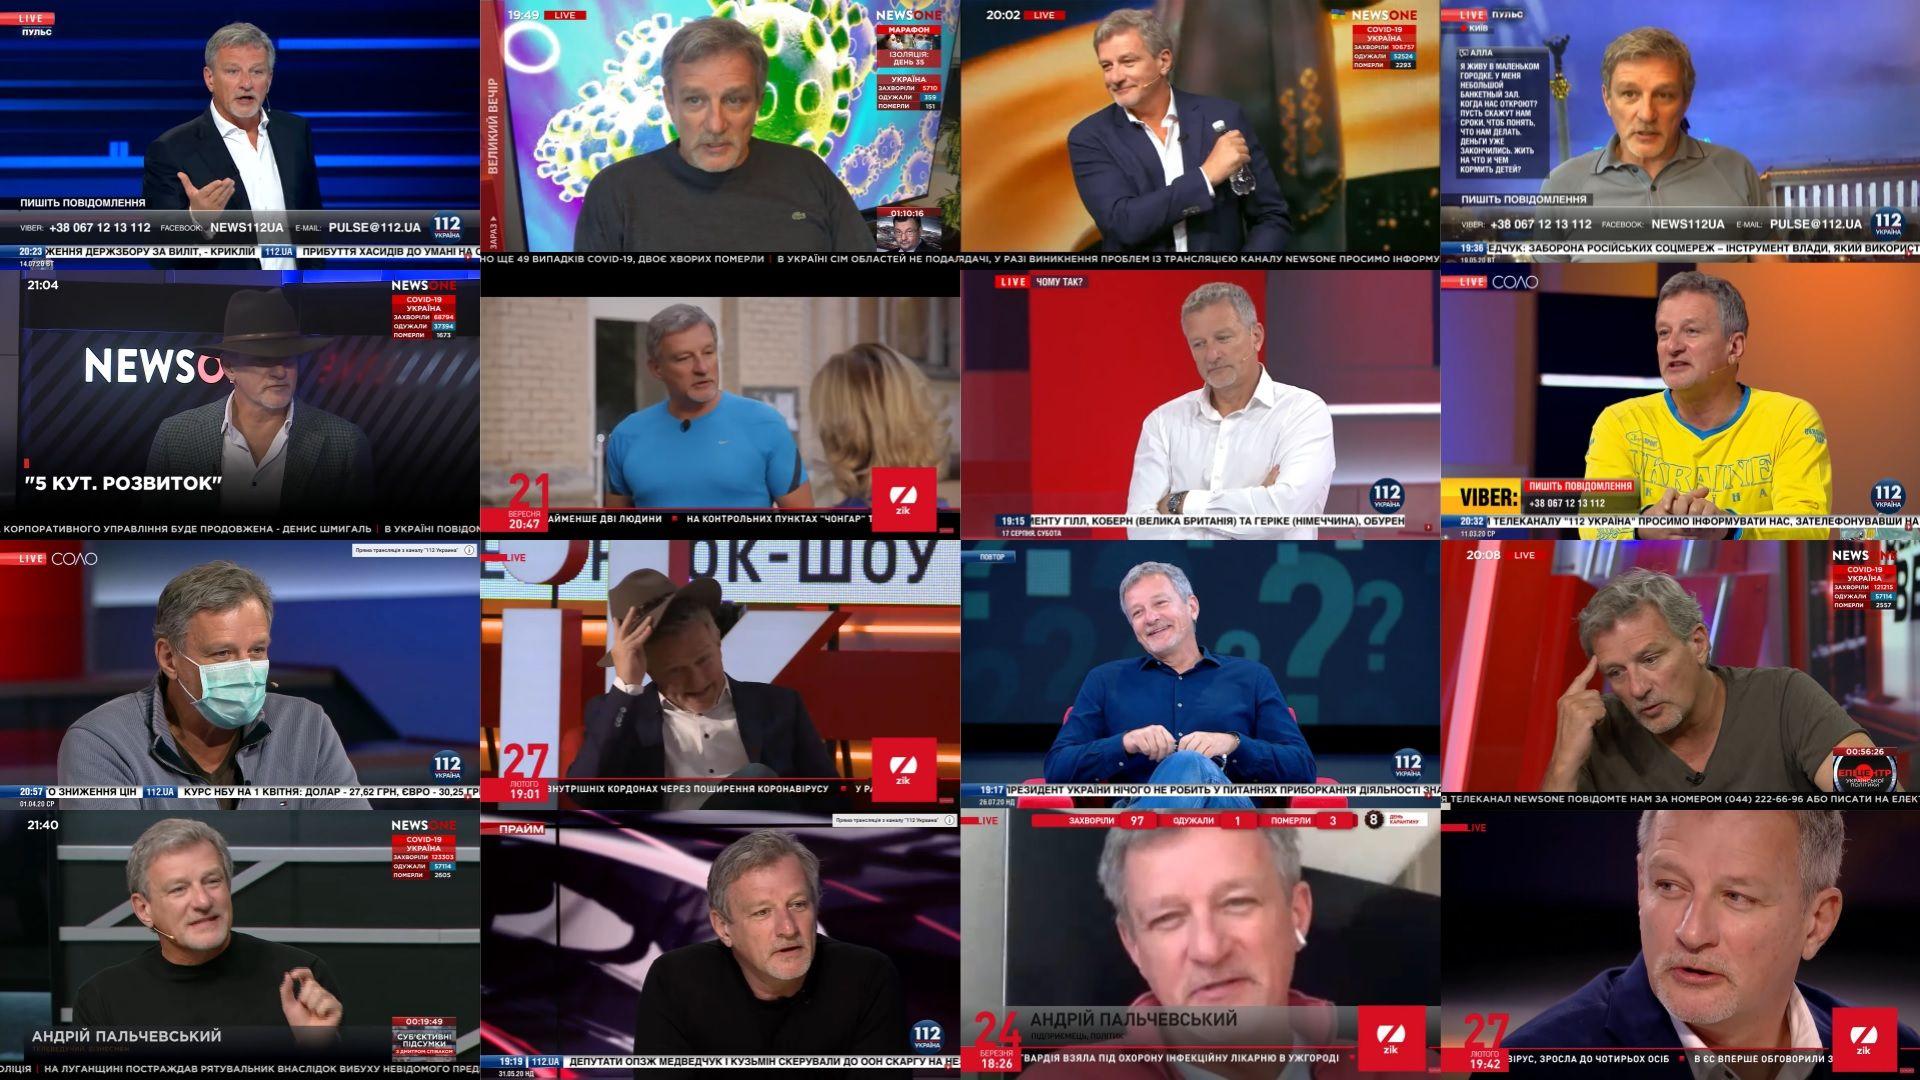 Мультимільйонер, плейбой, зірка каналів Медведчука. Хто такий Андрій Пальчевський?